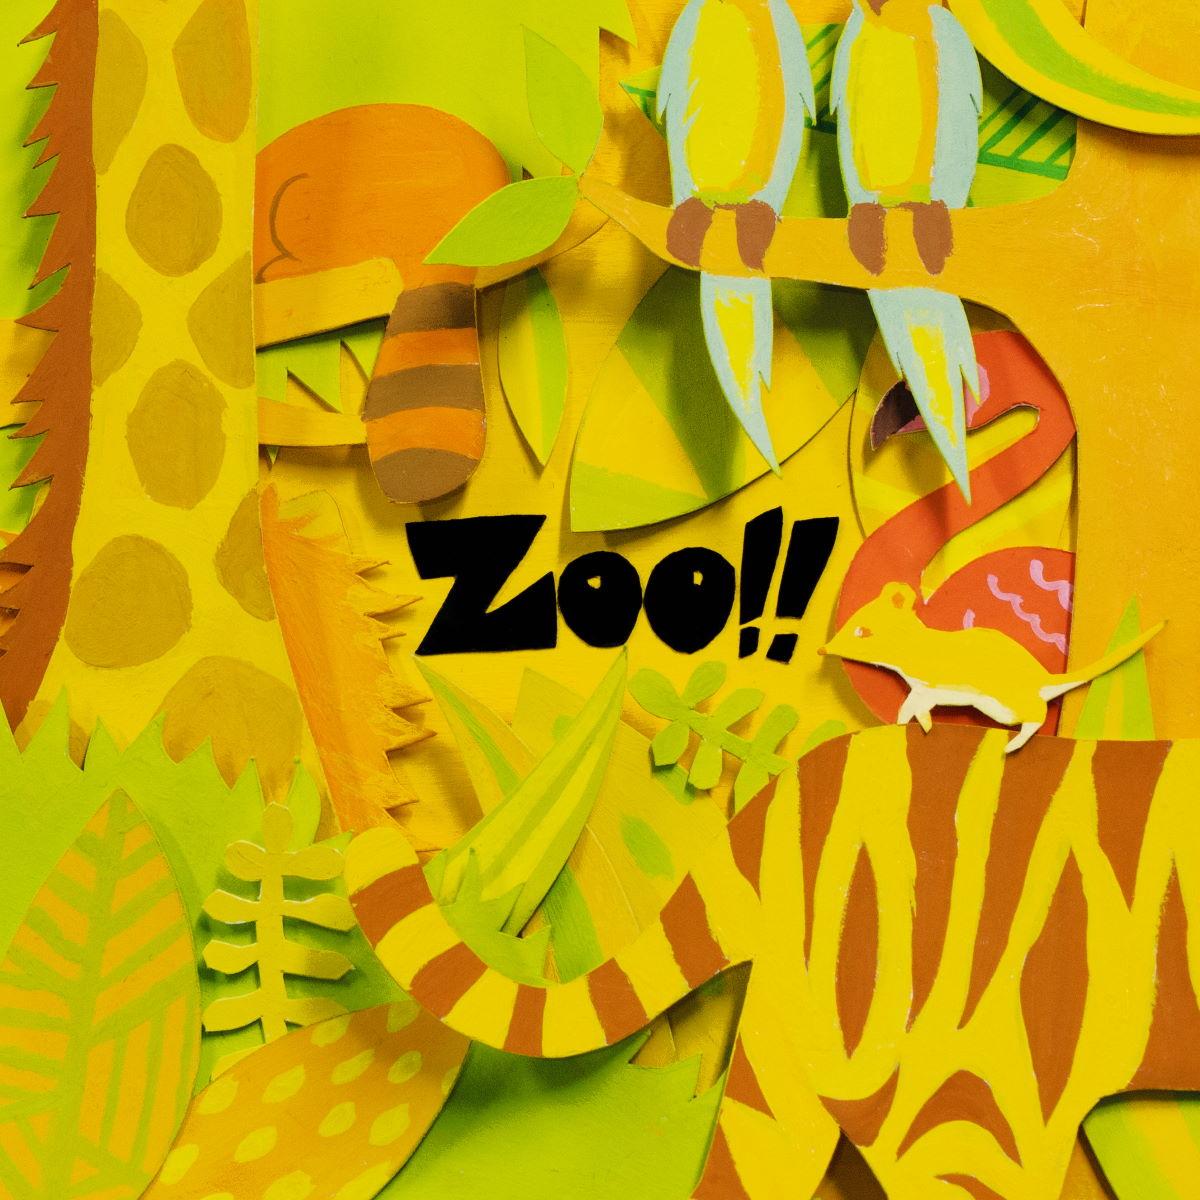 『ネクライトーキー - ボケナスのうた』収録の『ZOO!!』ジャケット